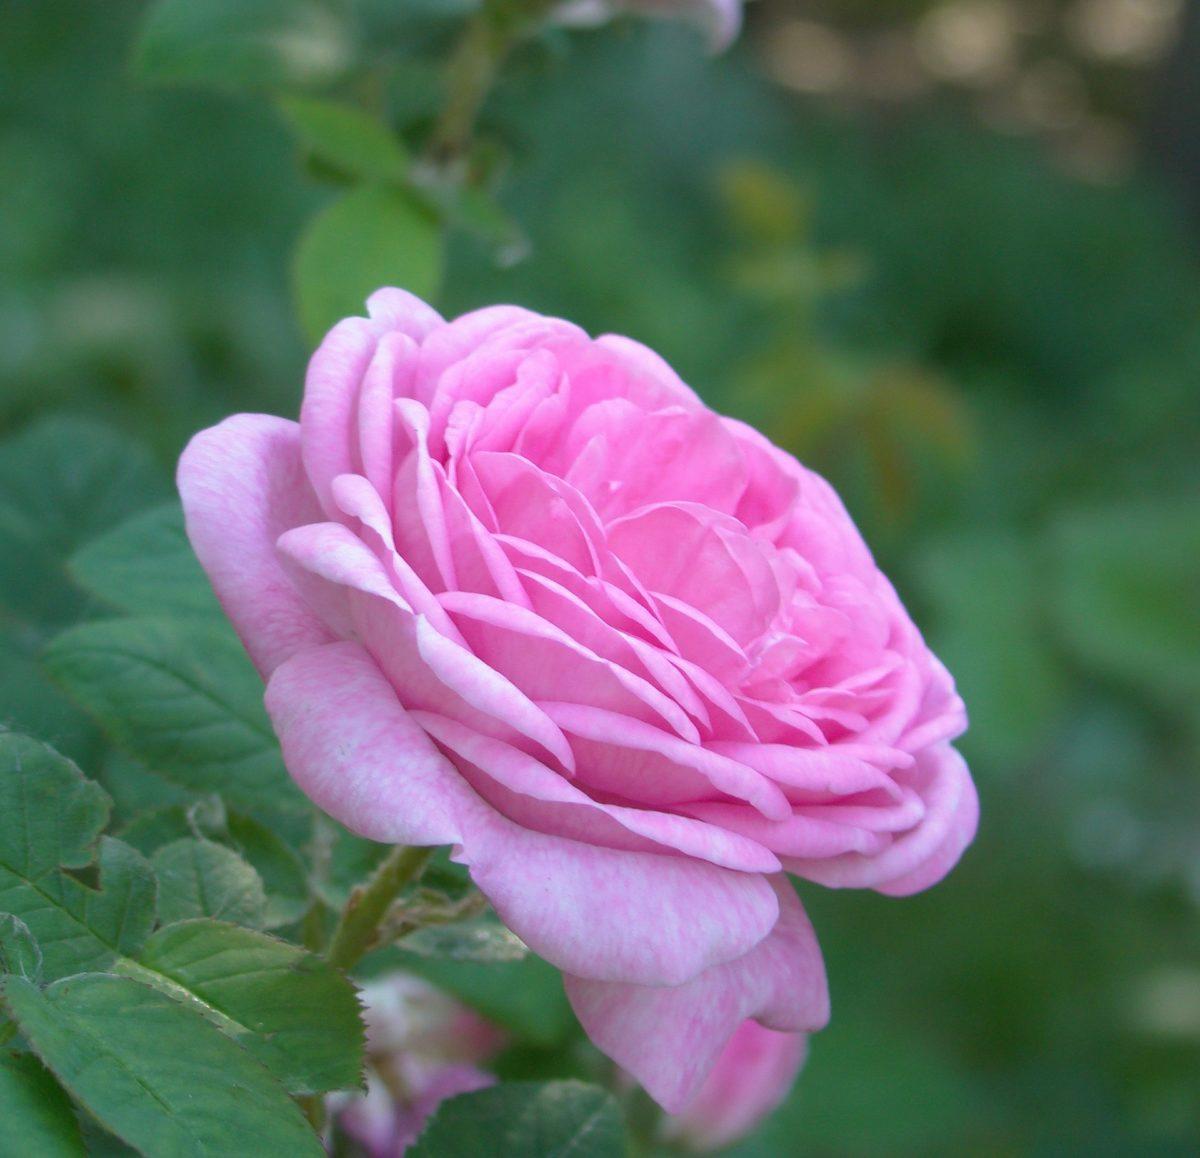 rose2 pixabay